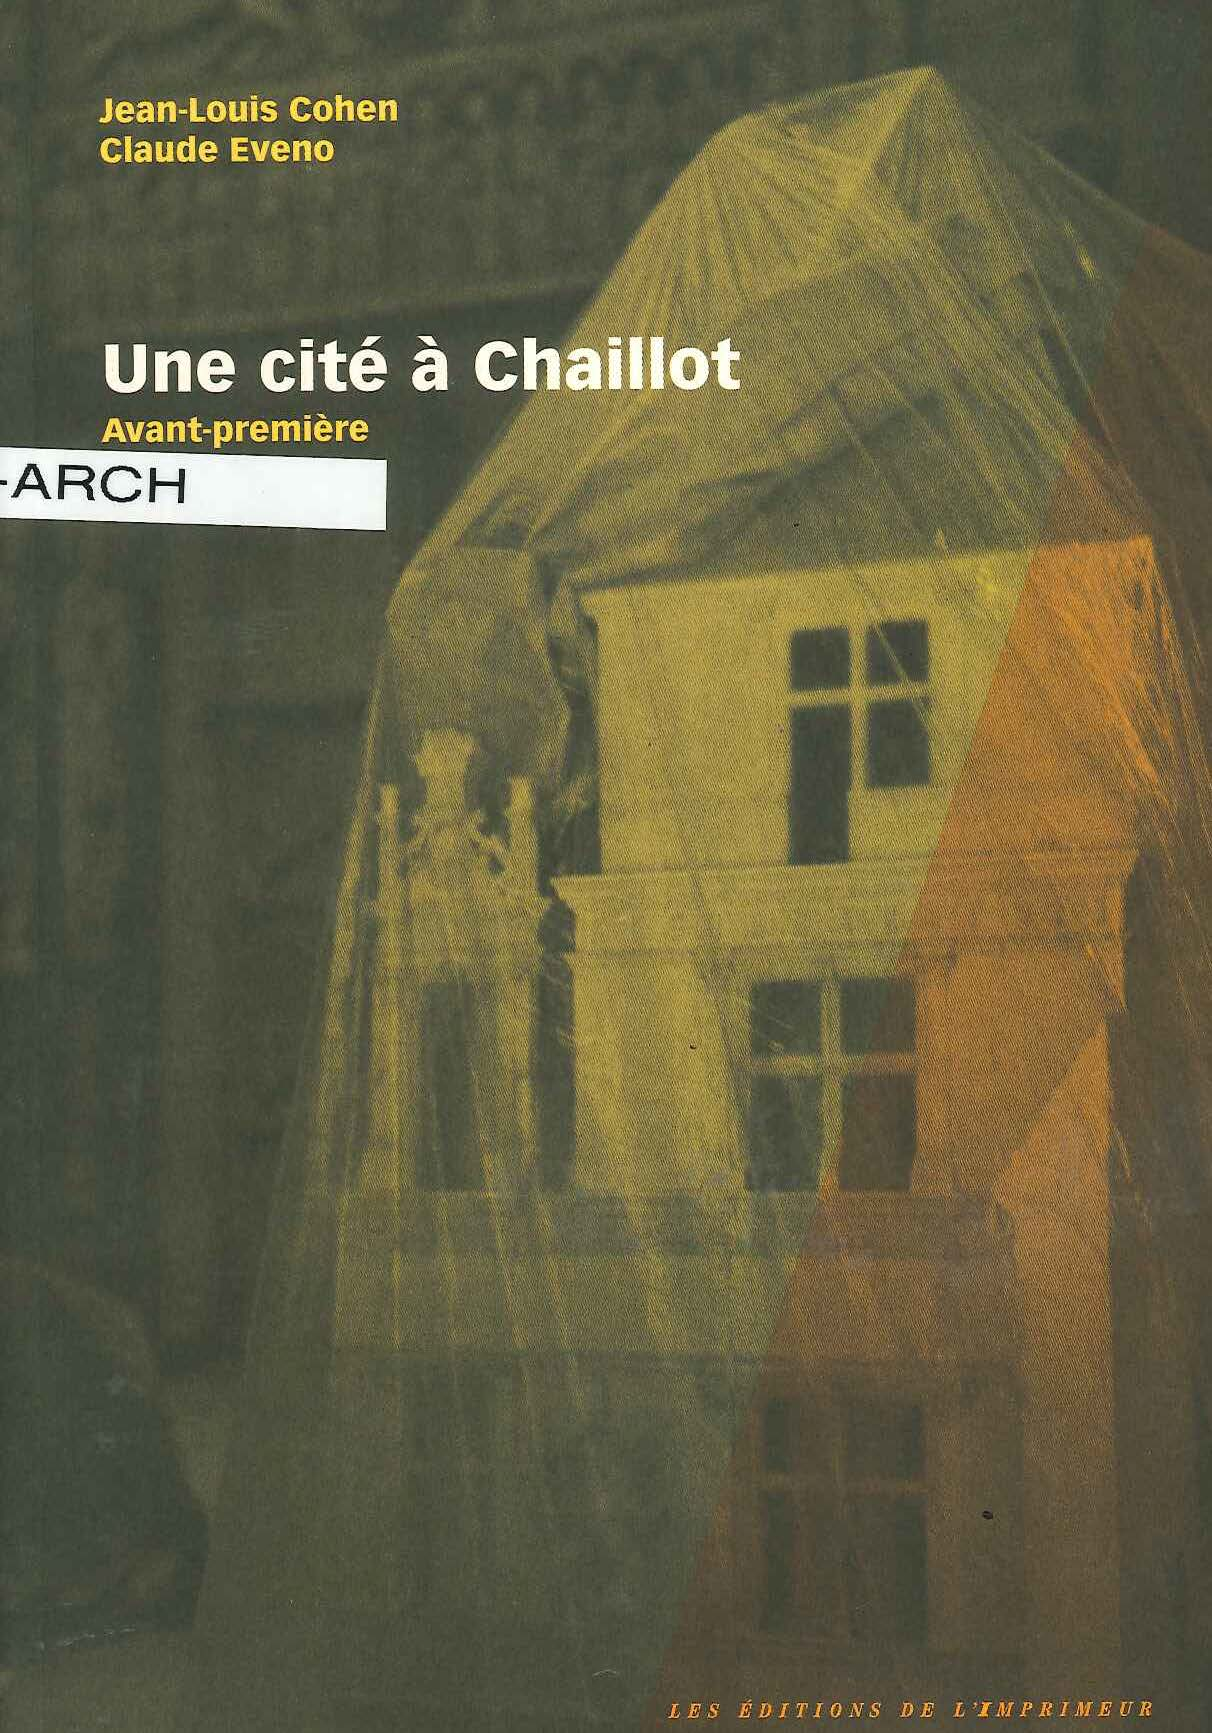 Une cité à Chaillot